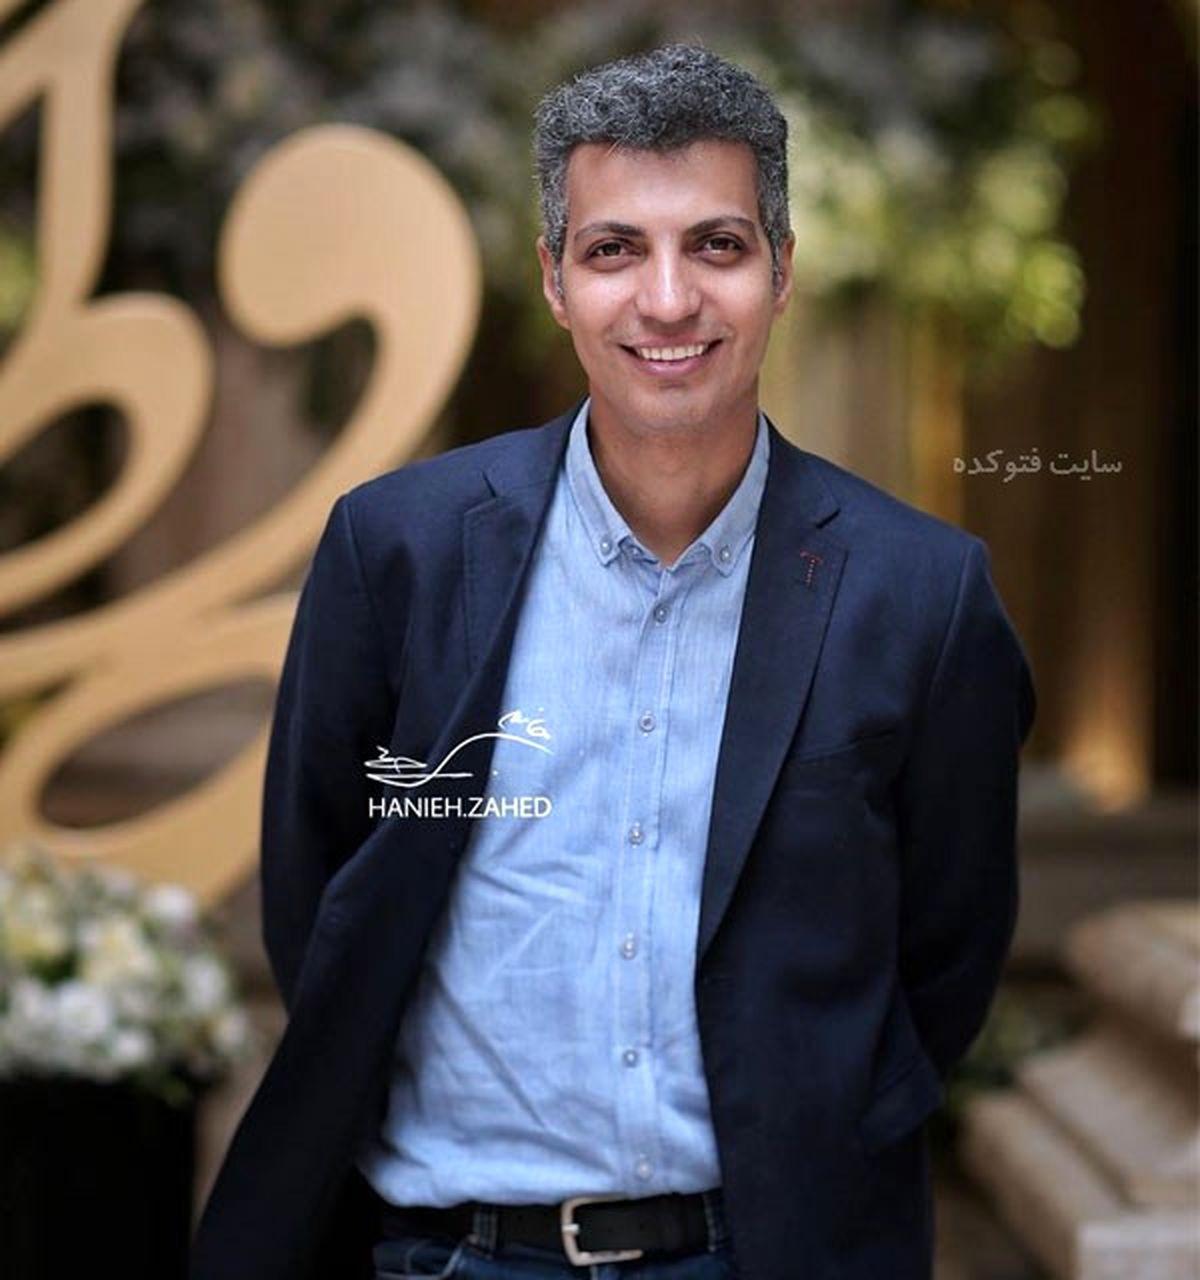 خبرخوش برای طرفداران عادل فردوسی پور | عادل فردوسی پور به تلویزیون بازگشت